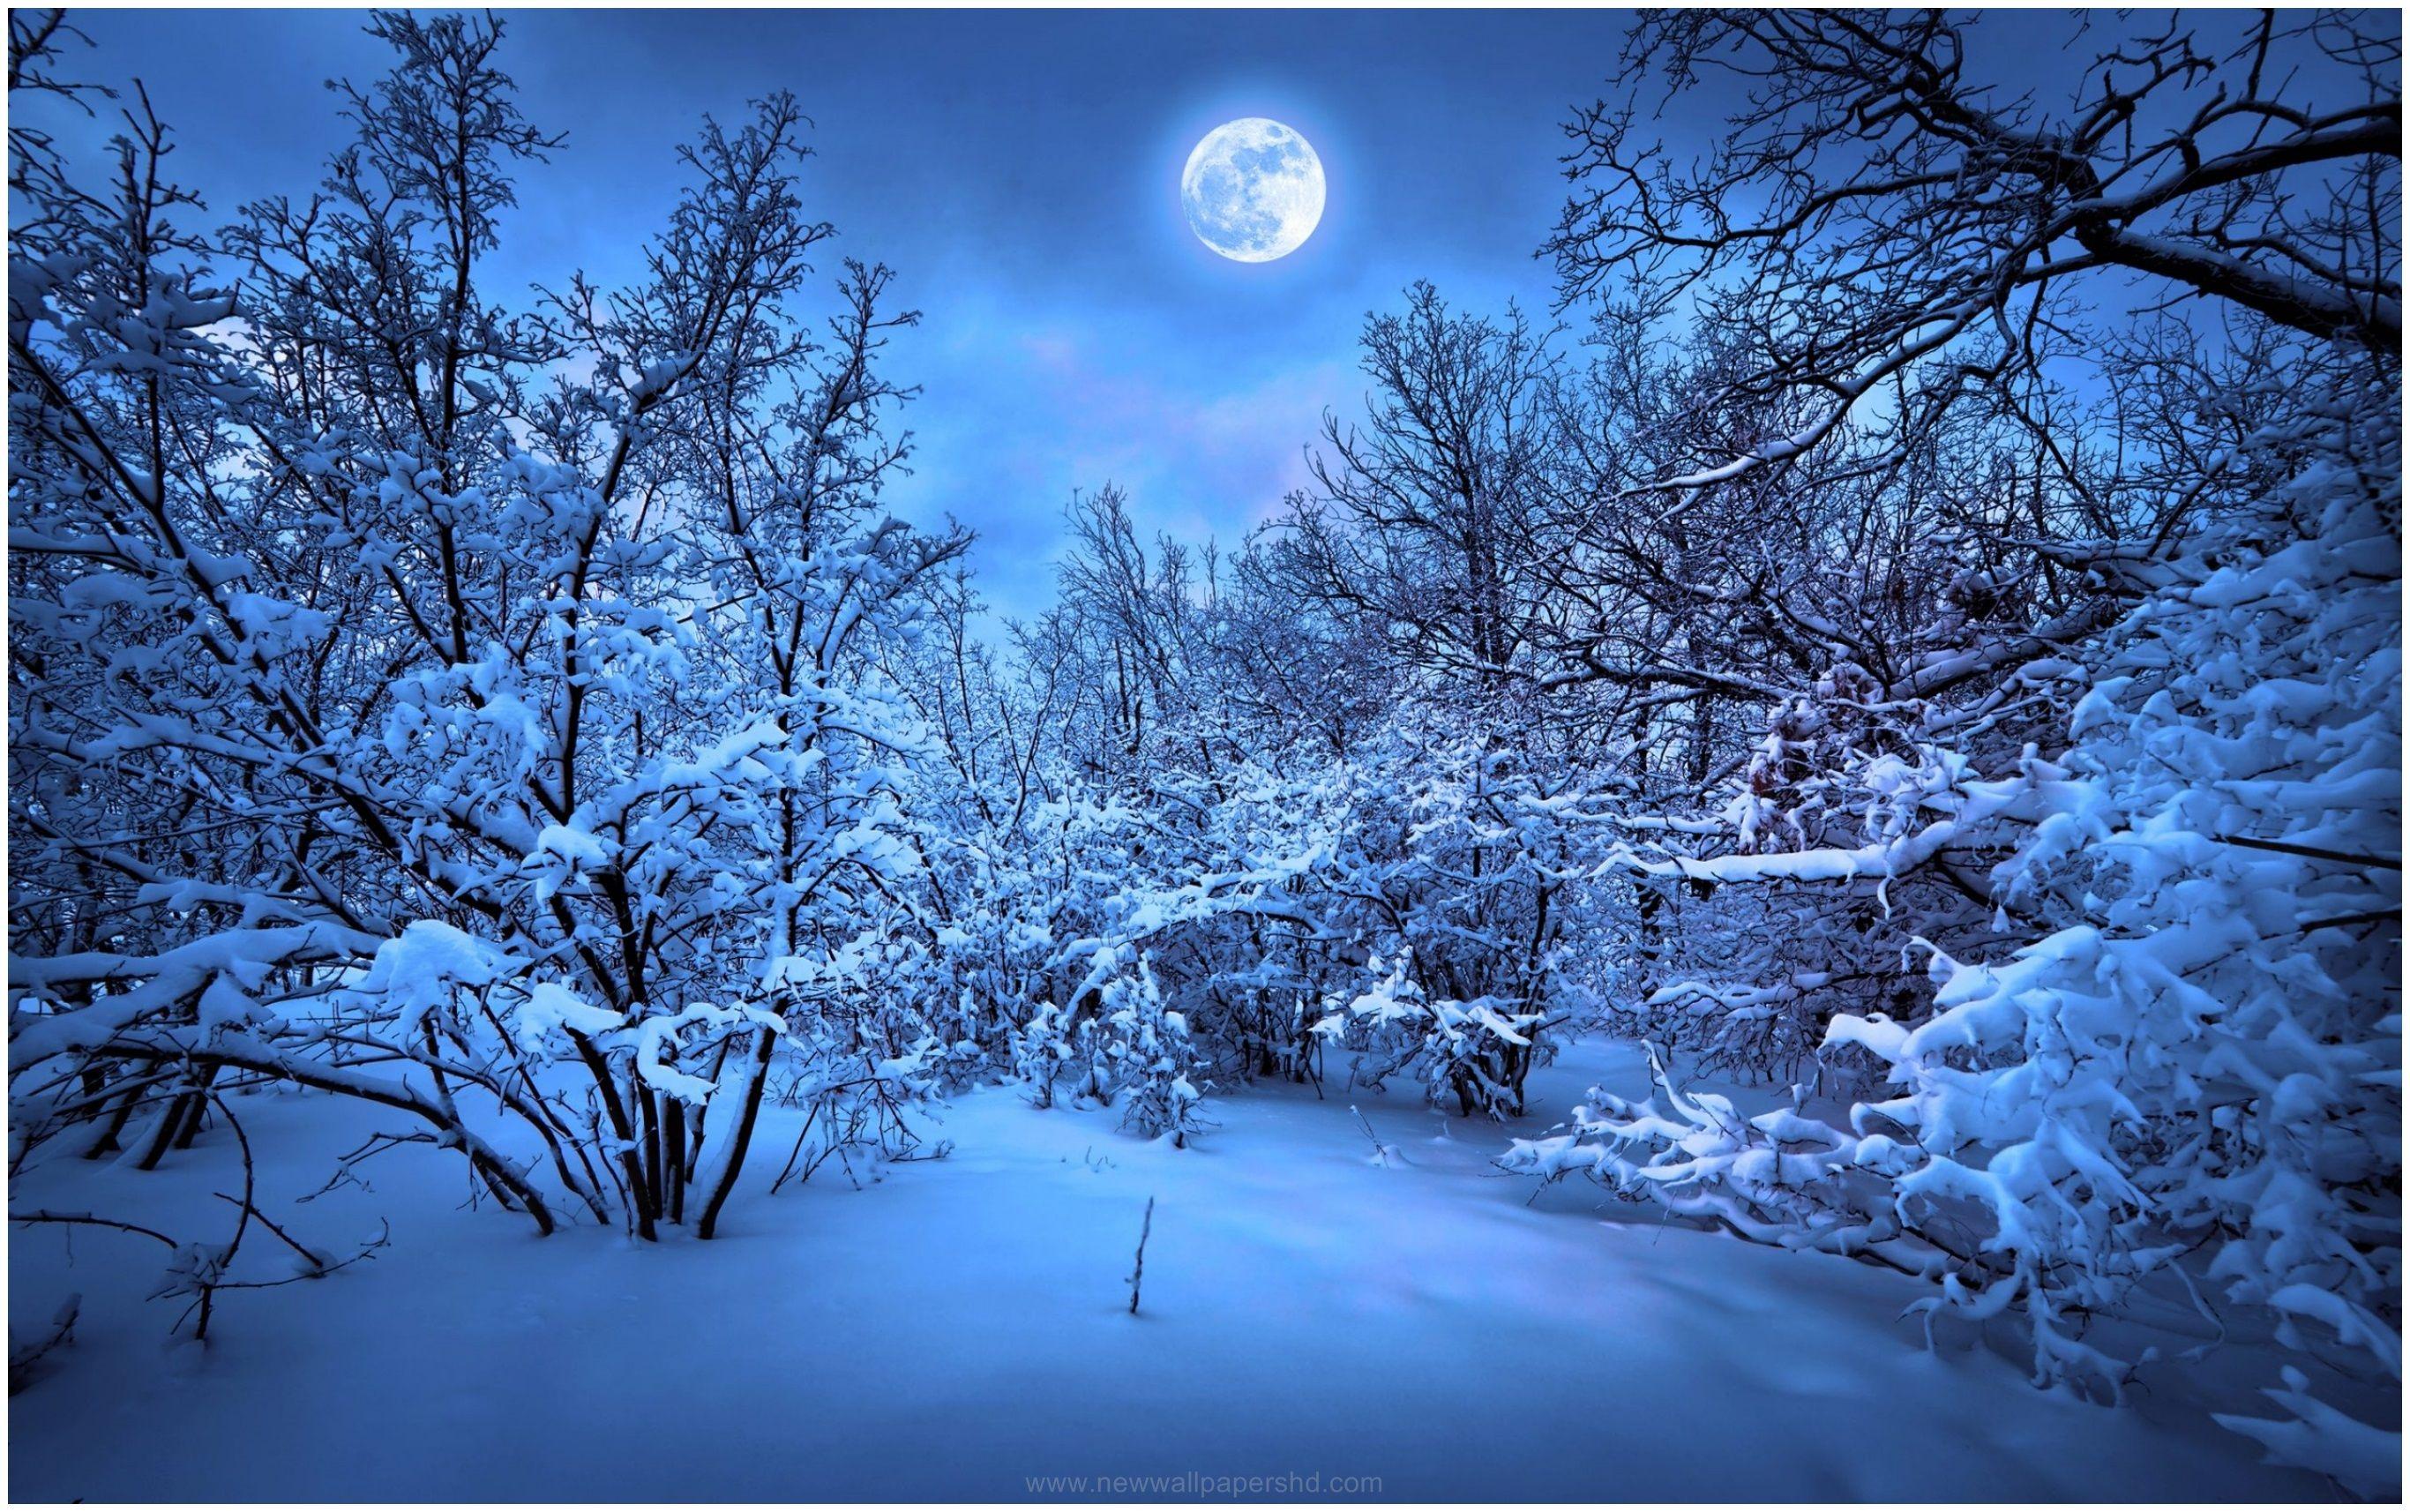 Winter Nights Full Moon Hd Wallpaper